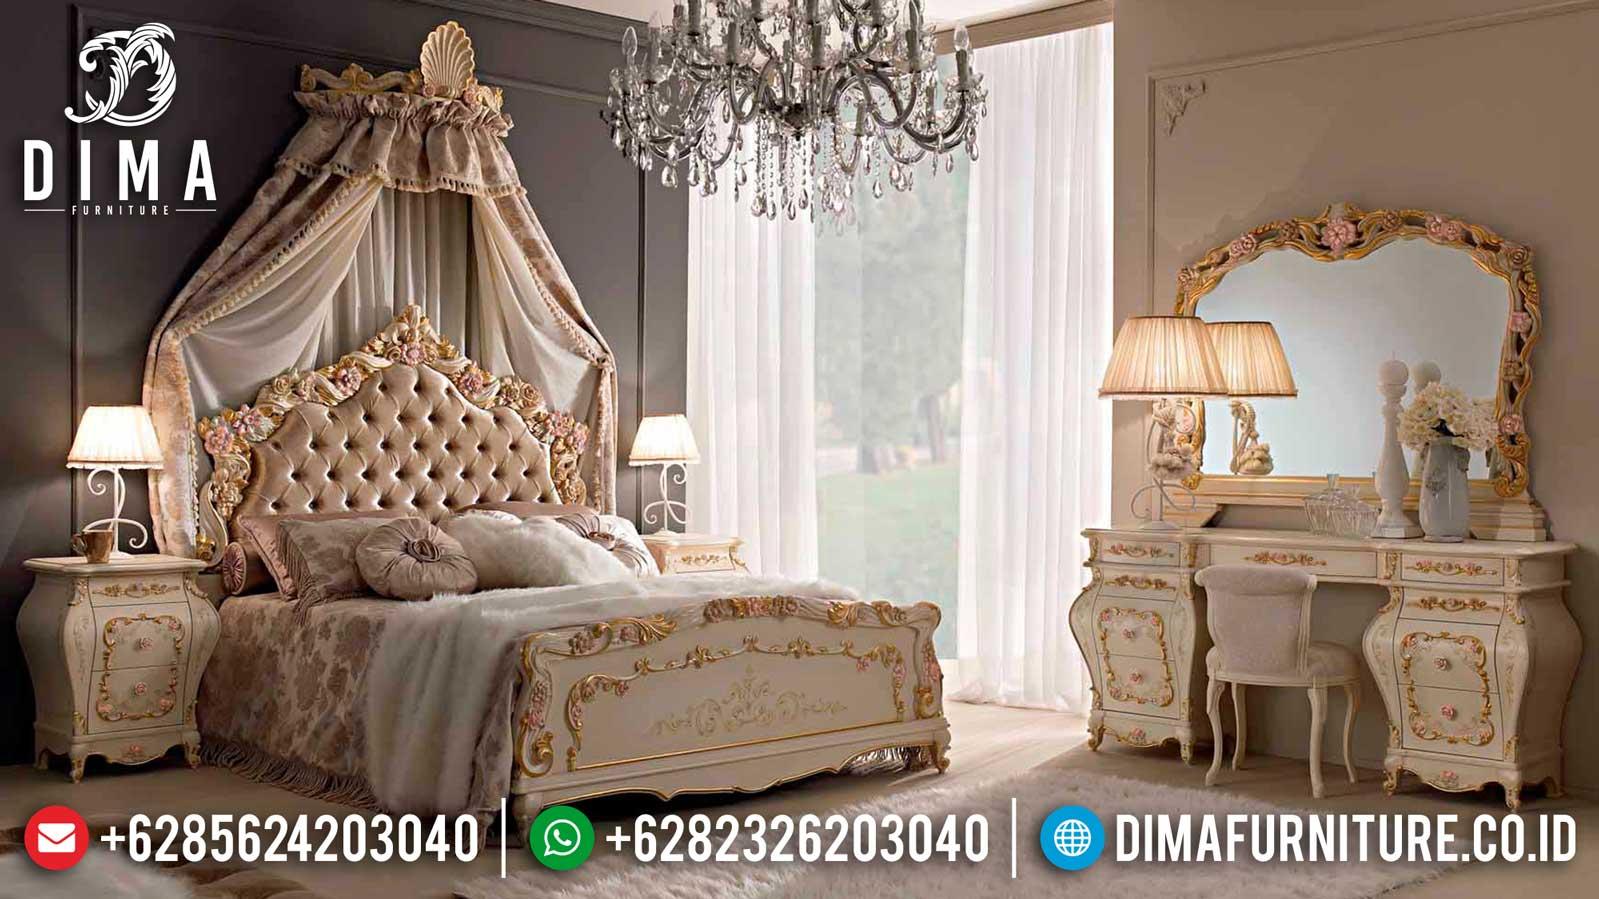 Harga Kamar Set Ukiran Mewah New Furniture Jepara Best Product Quality TTJ-1108